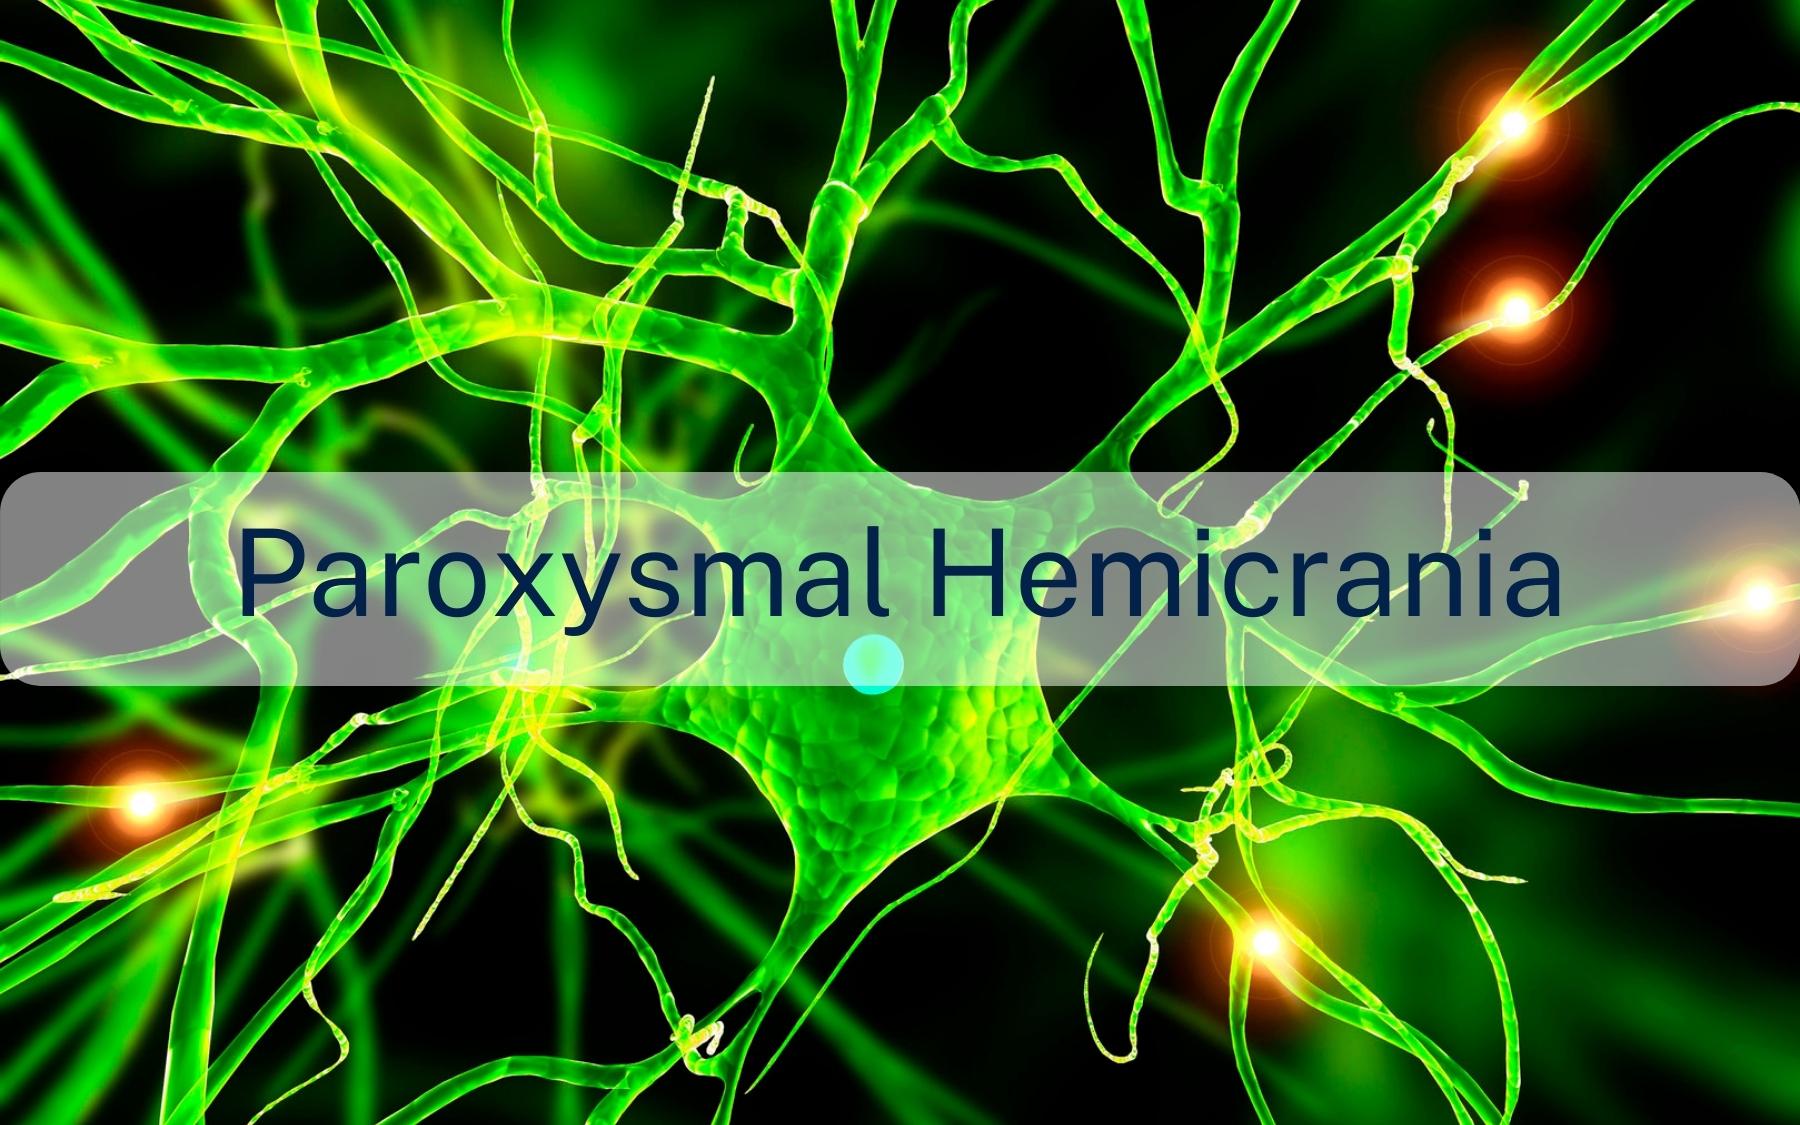 Paroxysmal hemicrania